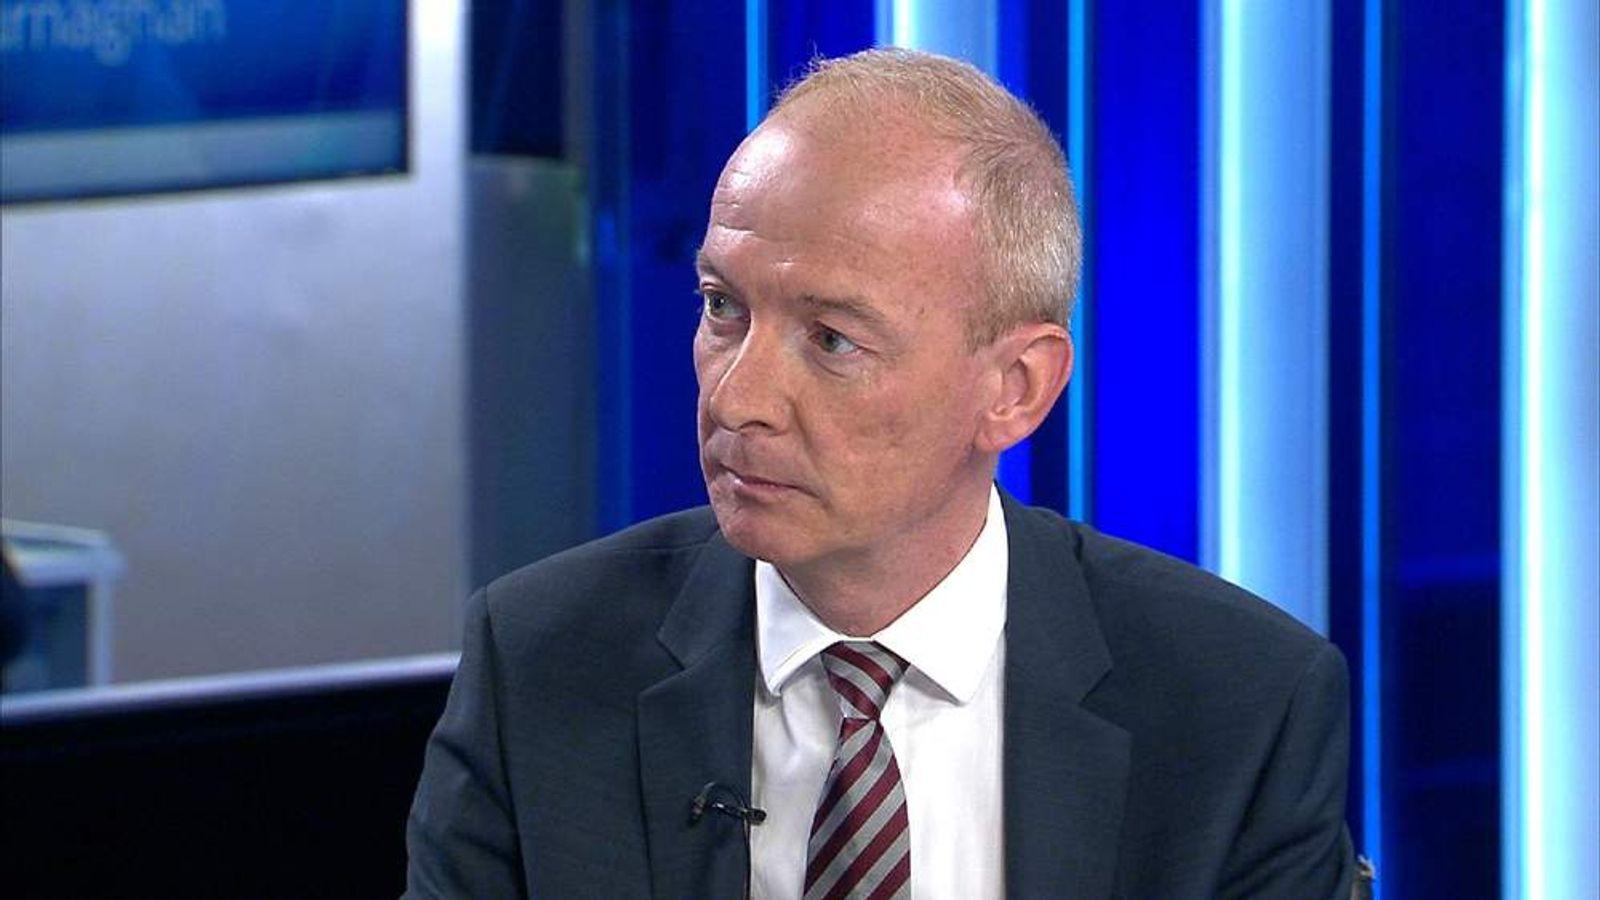 Shadow Europe Minister Pat McFadden MP